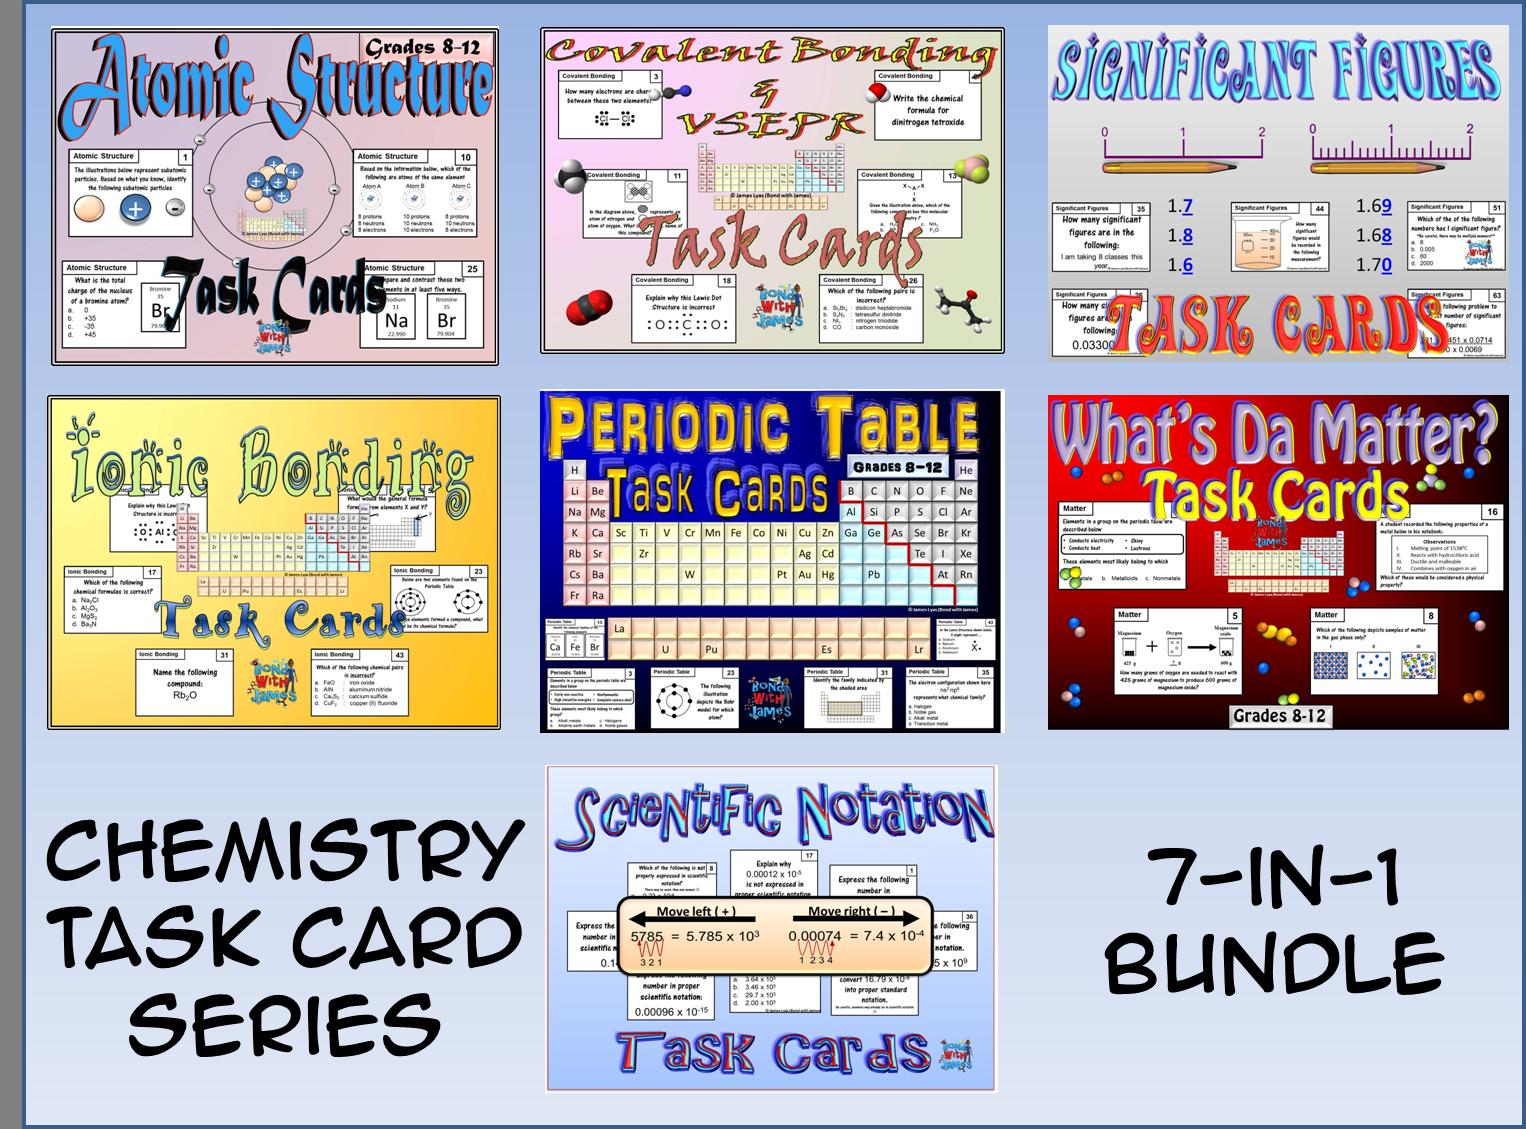 Chemistry Task Cards Series 9 In 1 Bundle